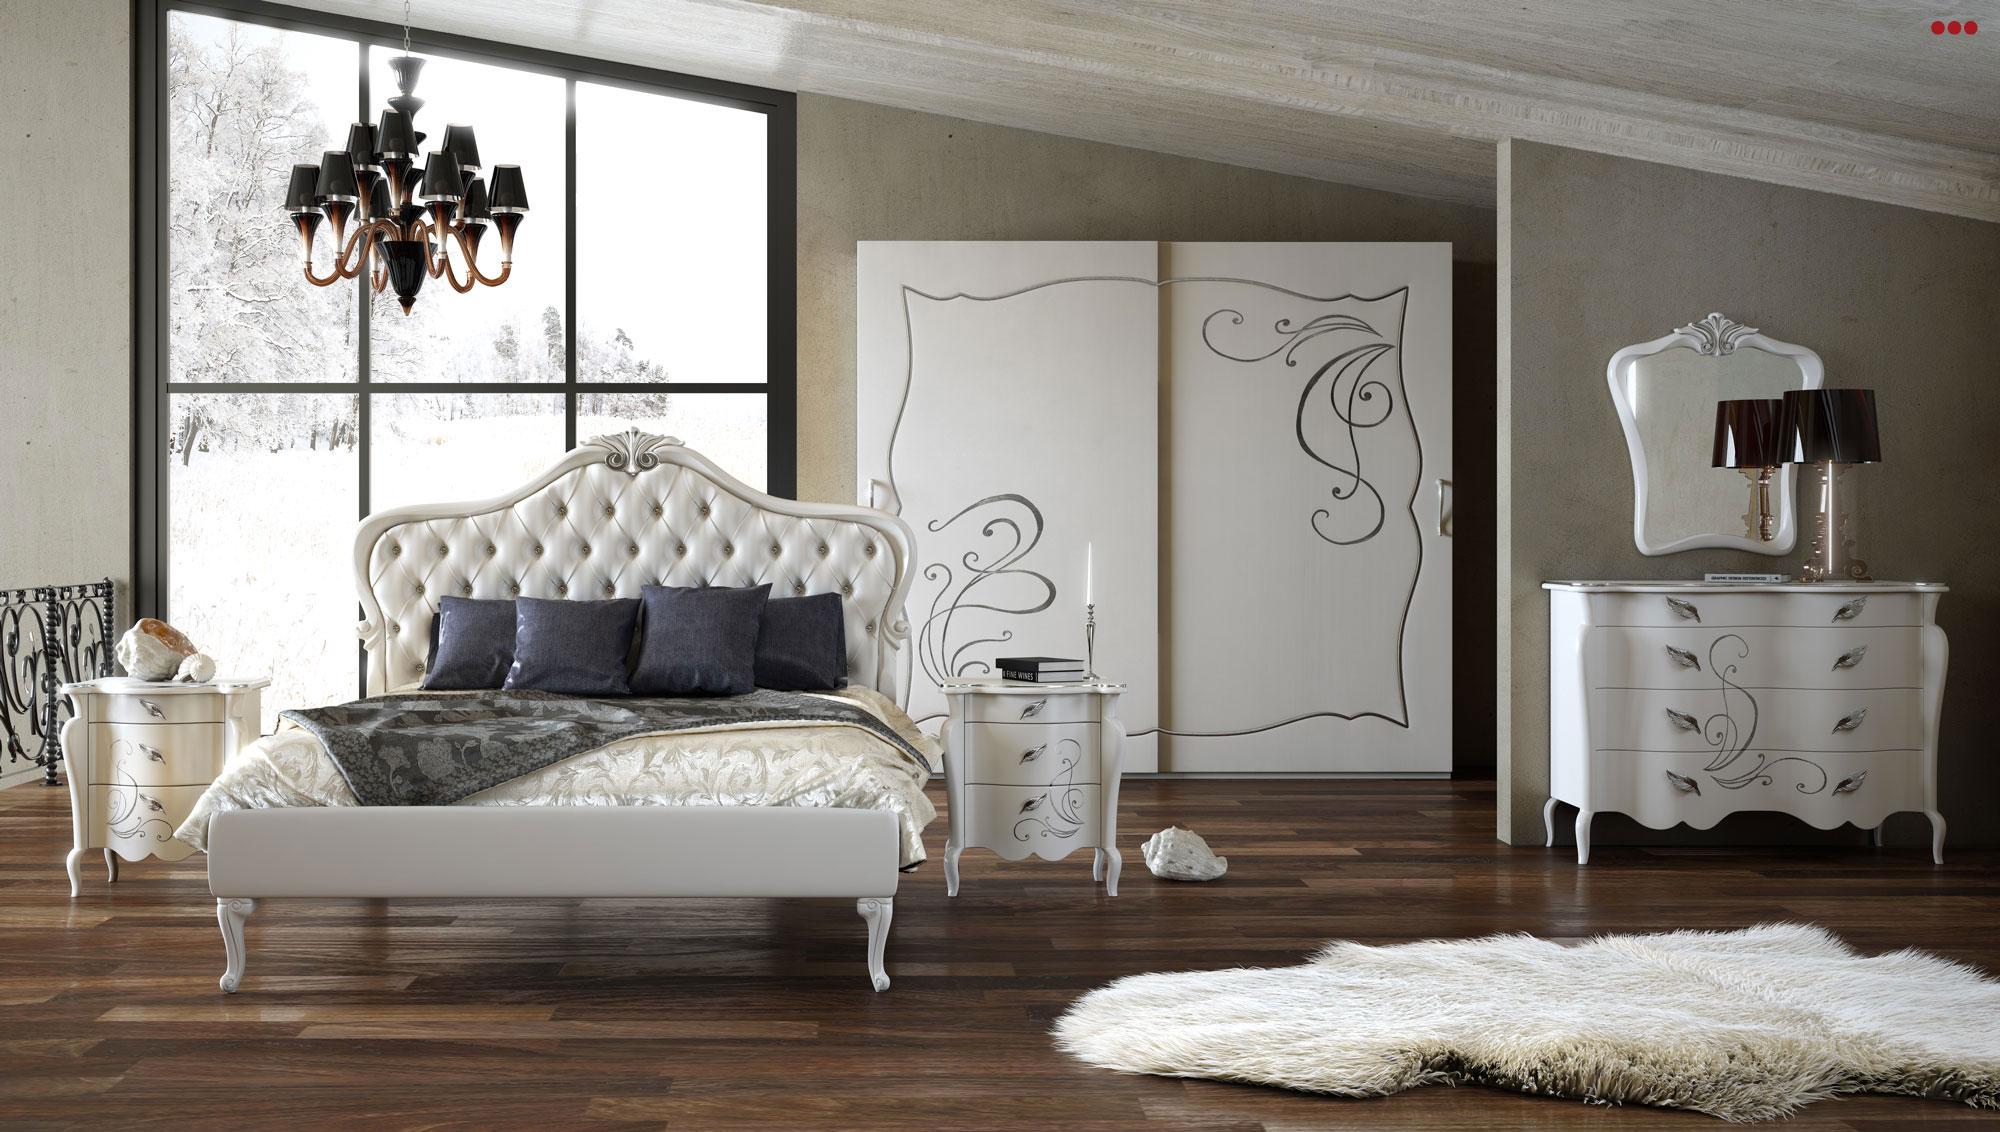 Progettare mobili 3d stunning planoplan richiede unity for Progettare camera da letto 3d